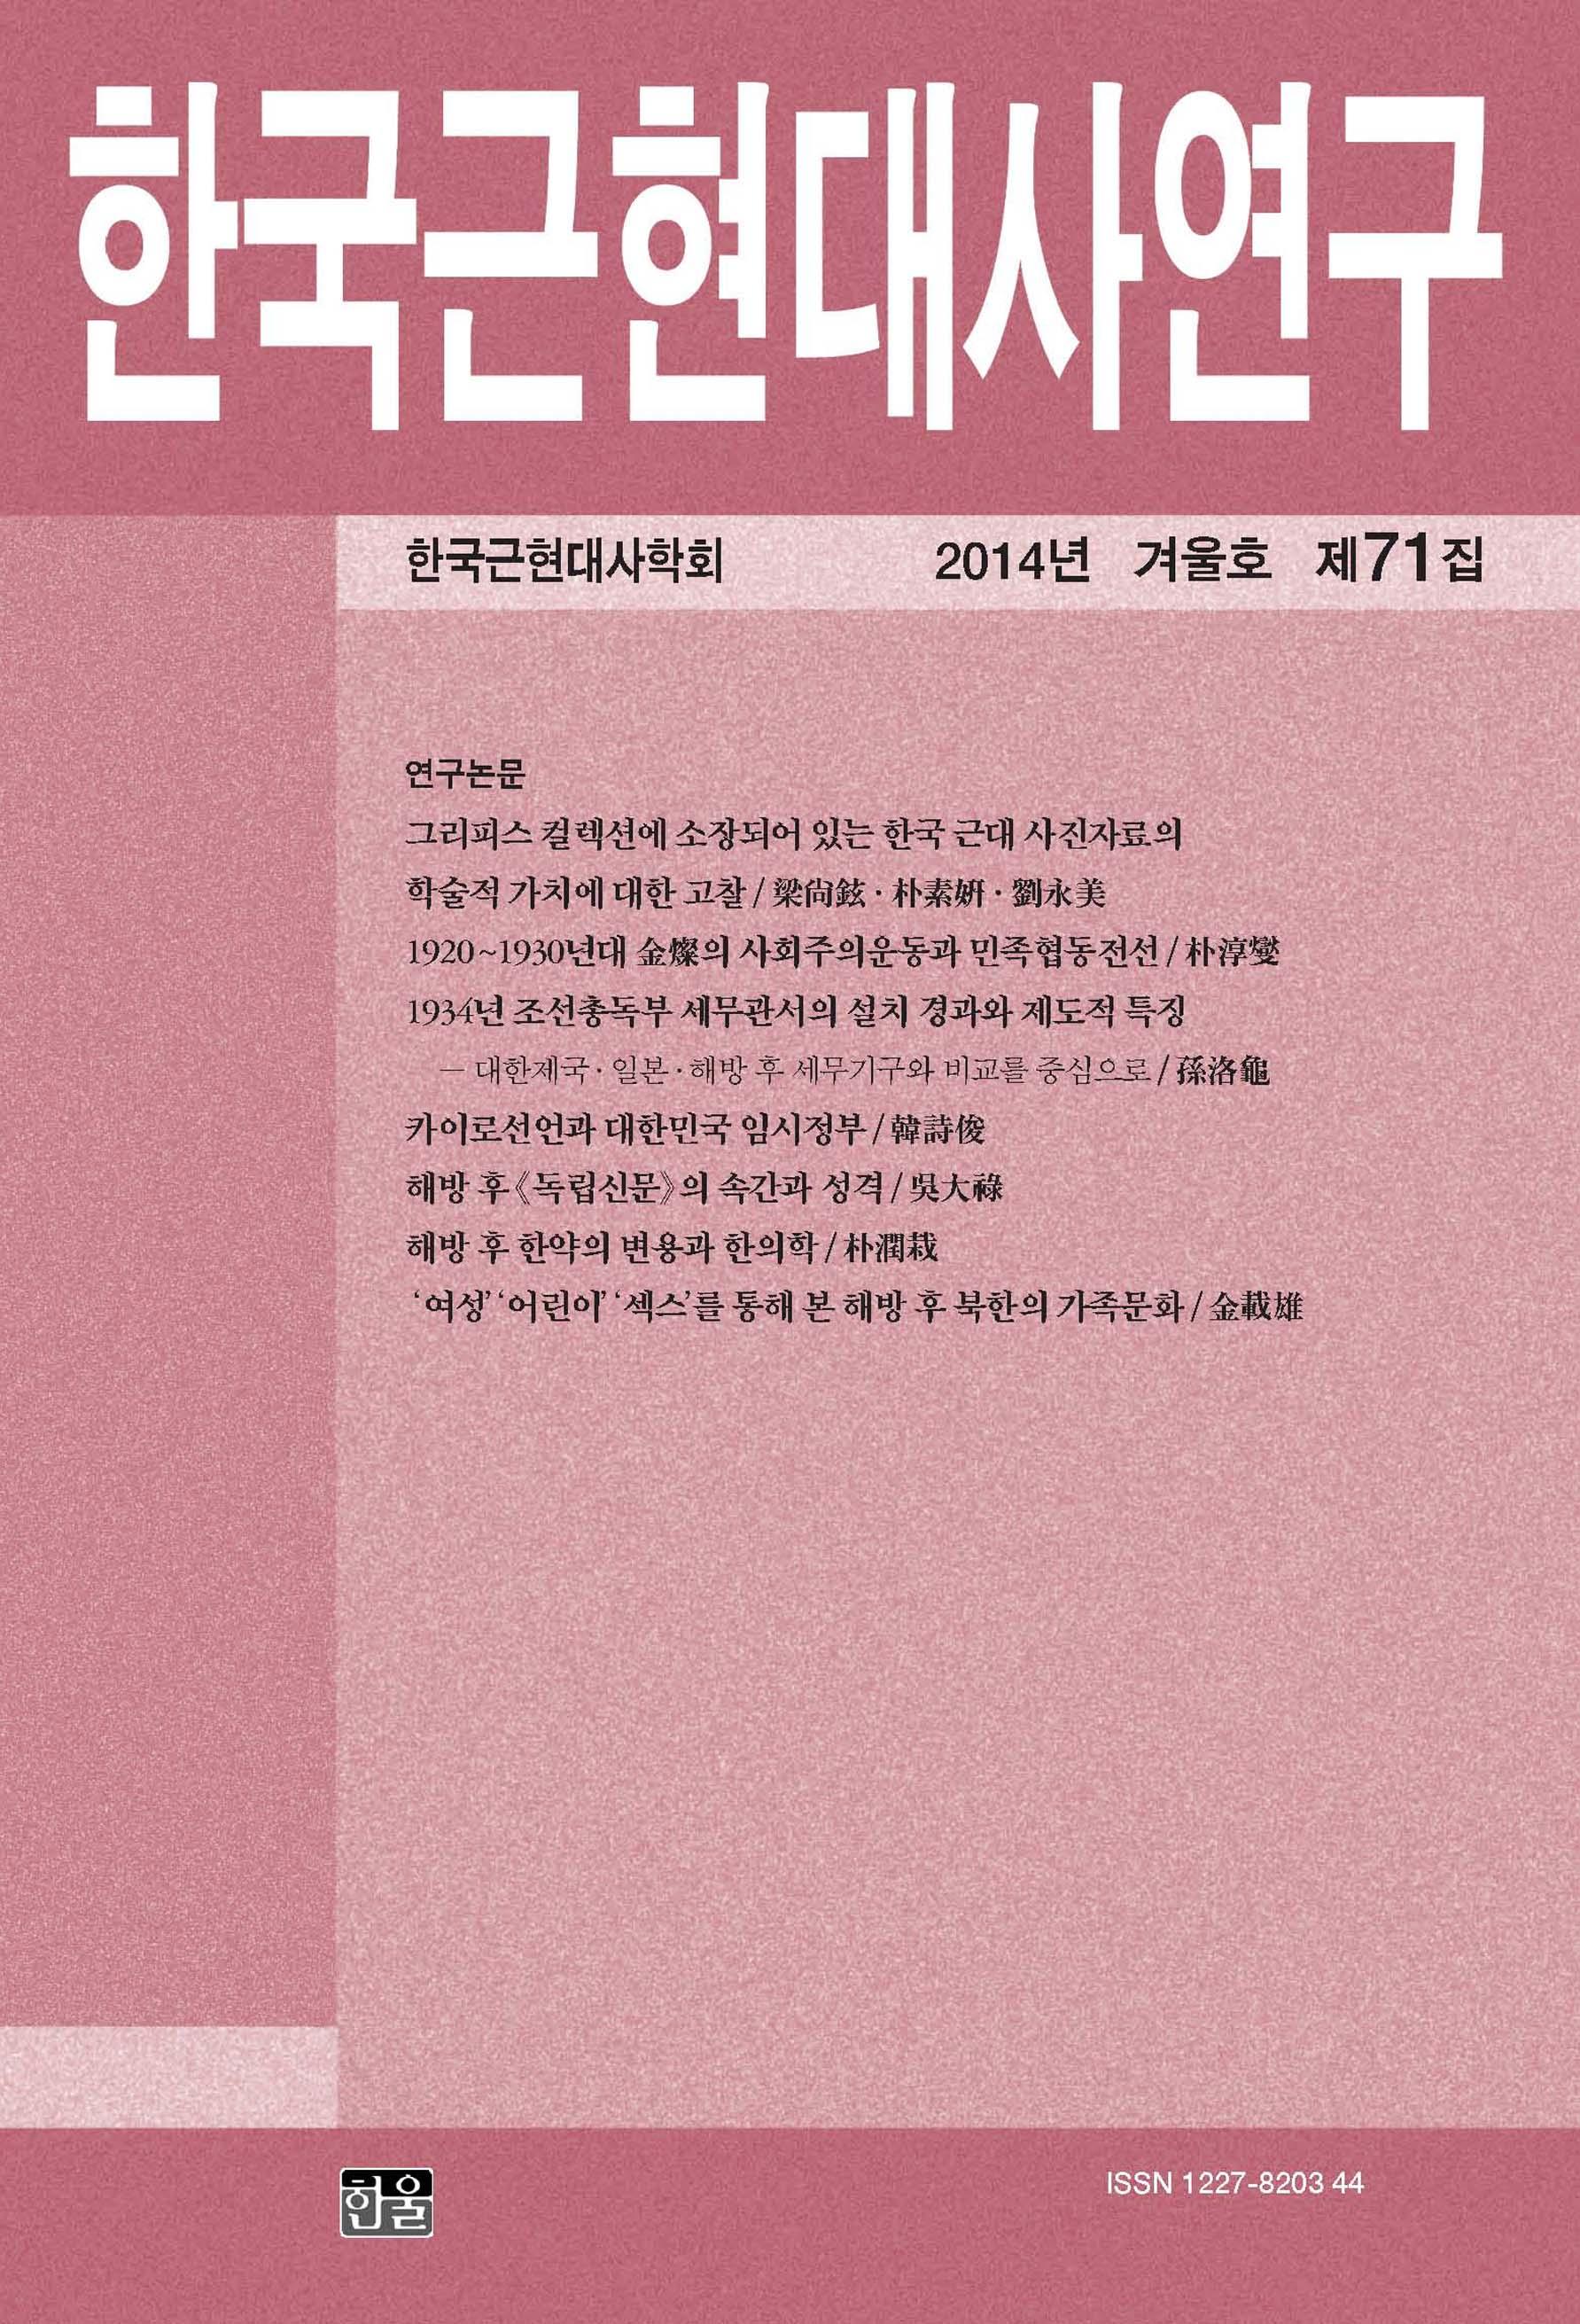 한국근현대사연구